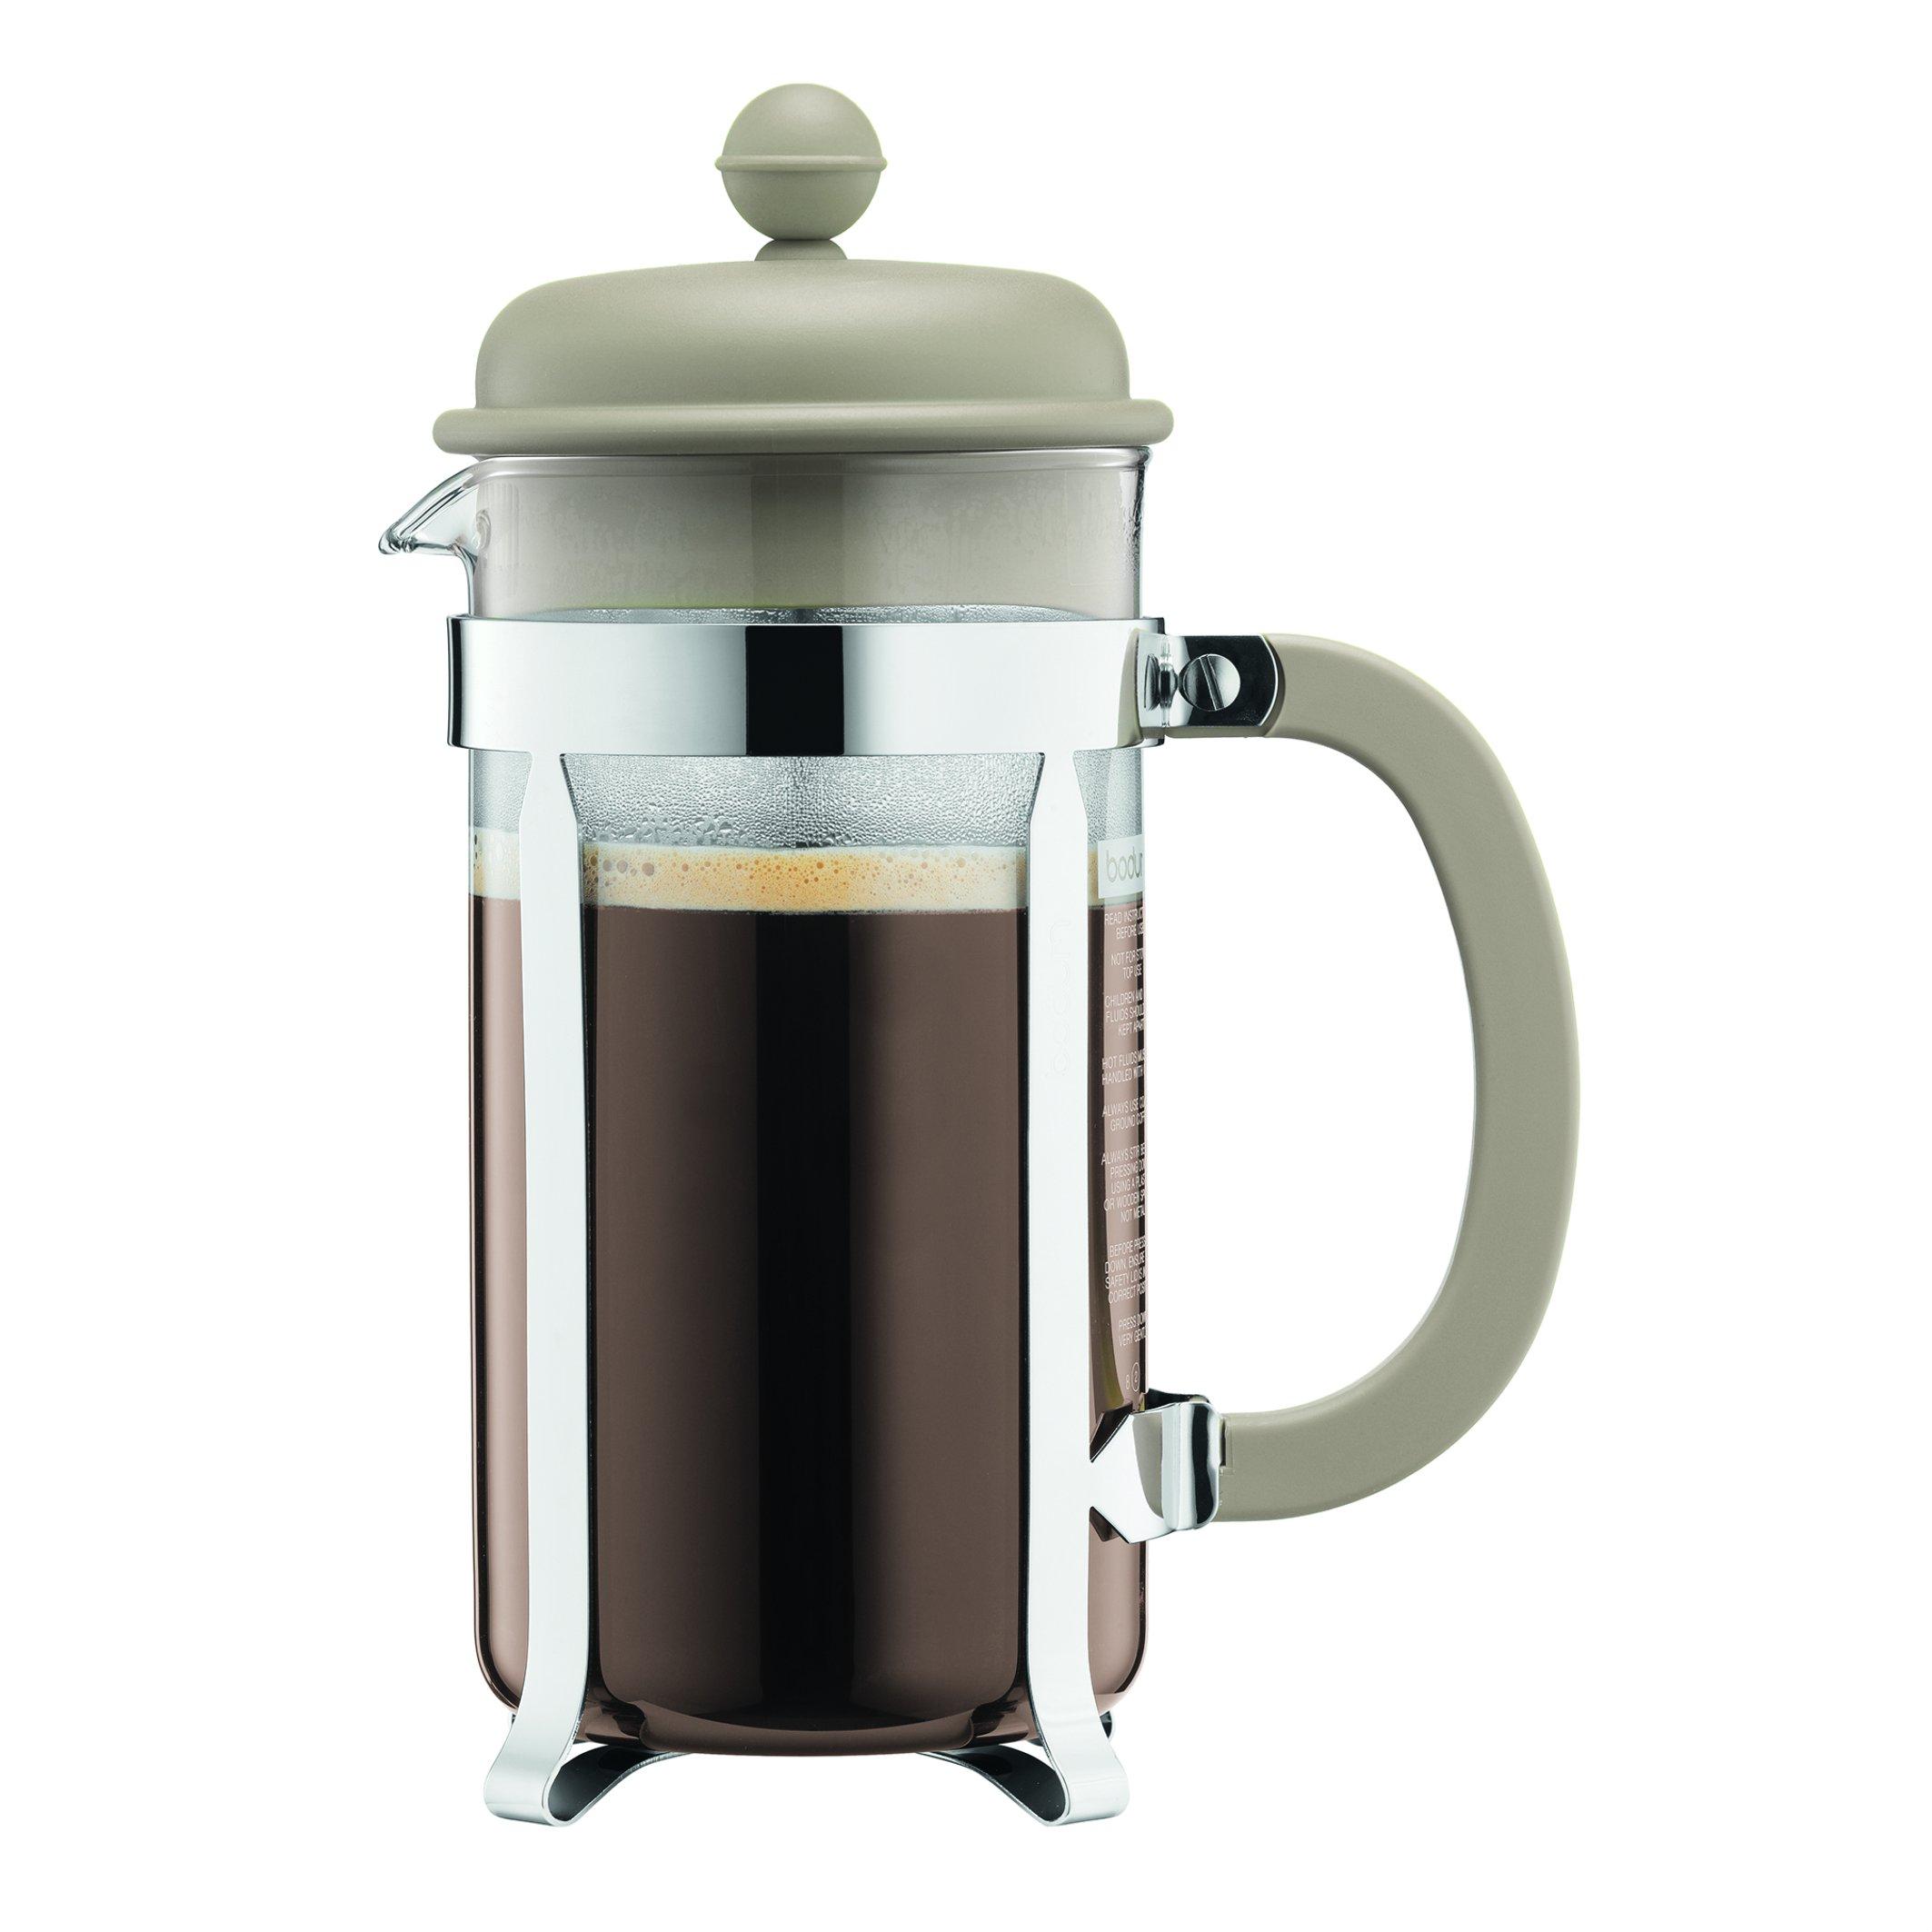 Bodum 1918-133B Caffettiera Coffee Maker, 8 Cup/1.0 L/34 oz, Sand by Bodum